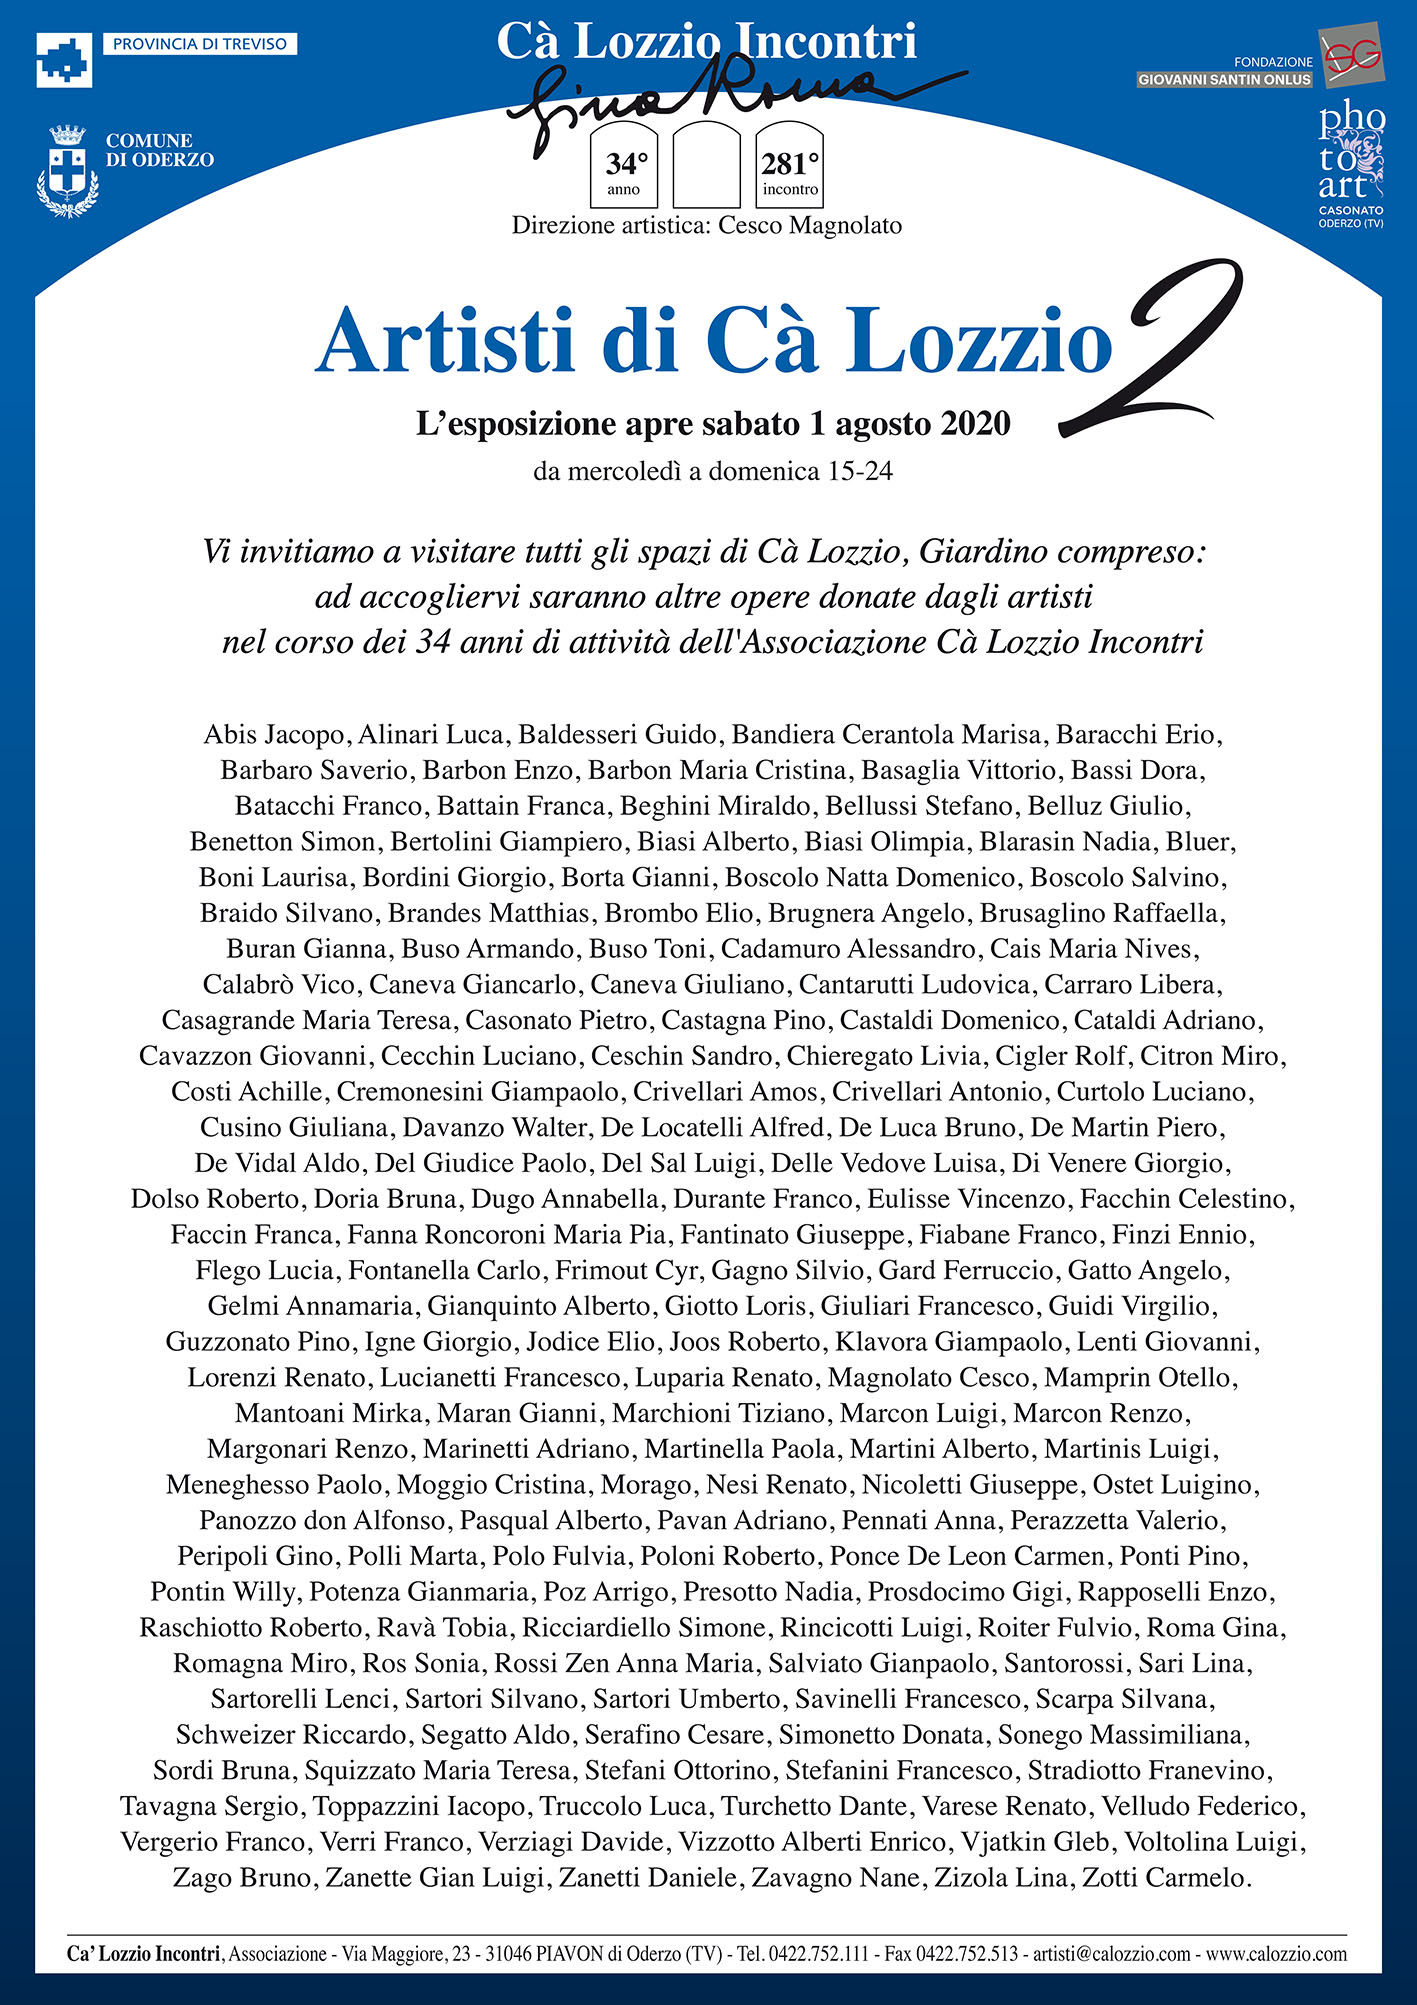 Artisti di Ca' Lozzio 2